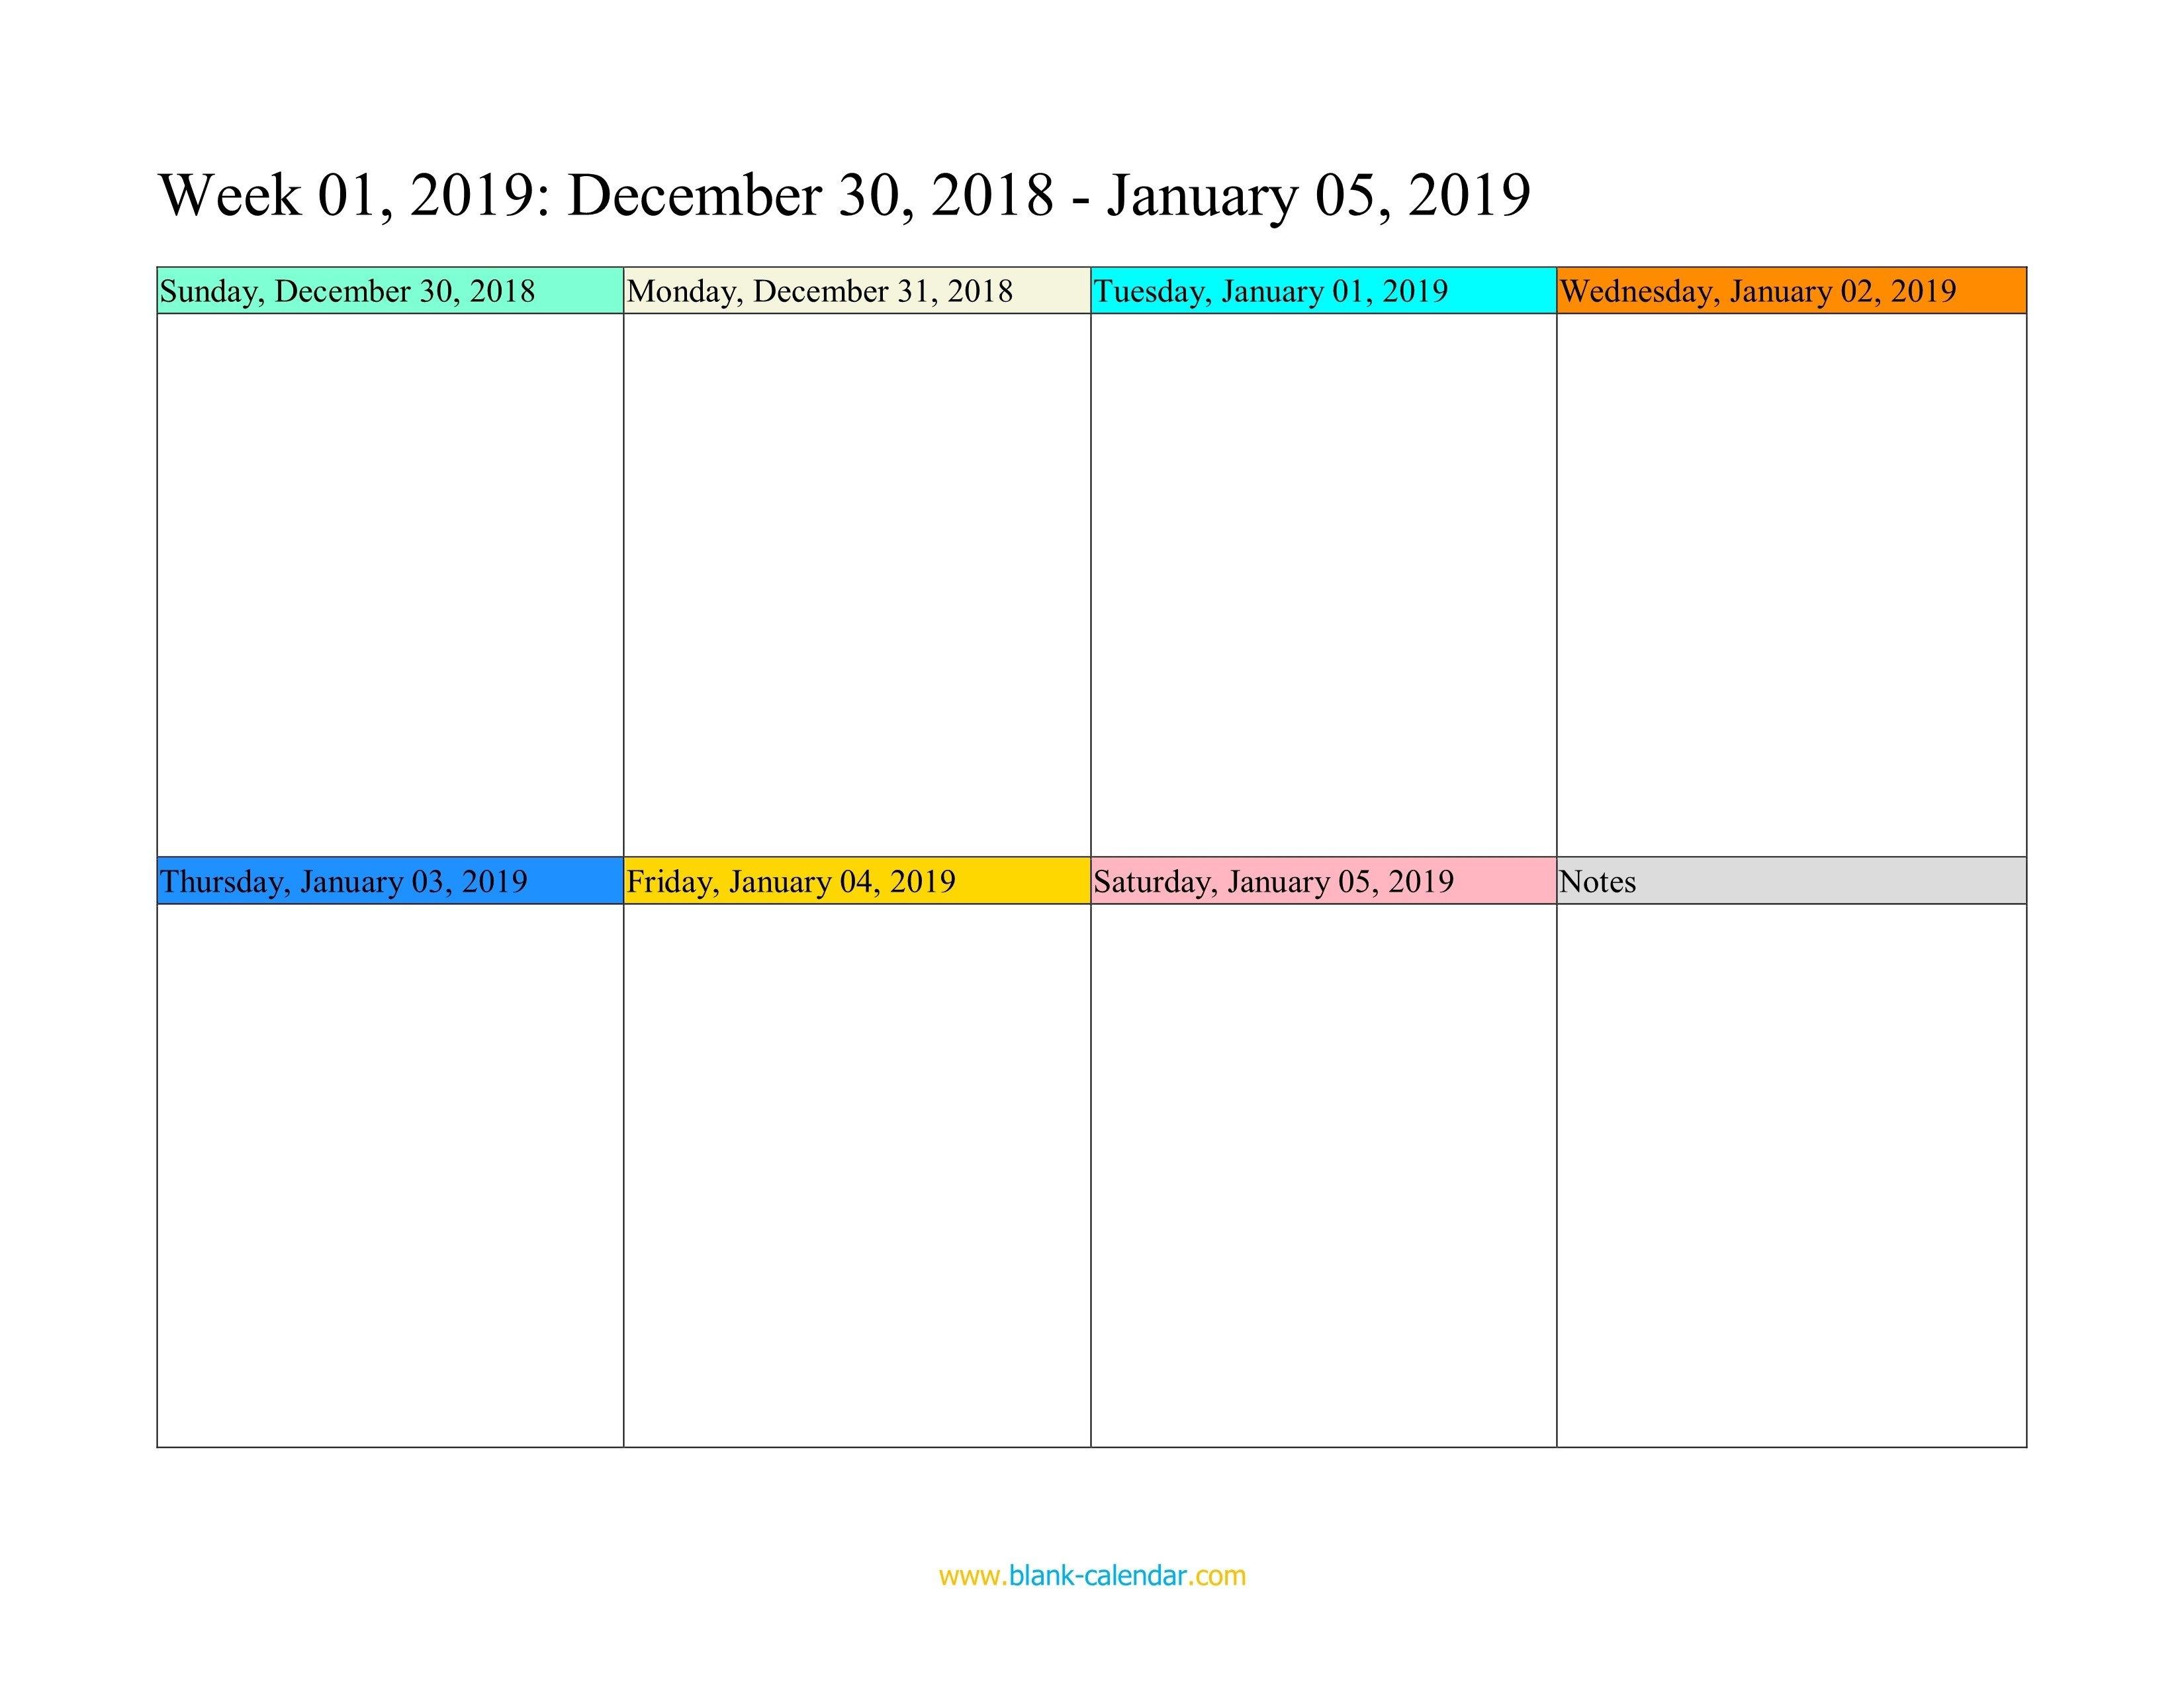 Google Drive Calendar Template 2019 | Google Docs For Business Calendar 02/2019